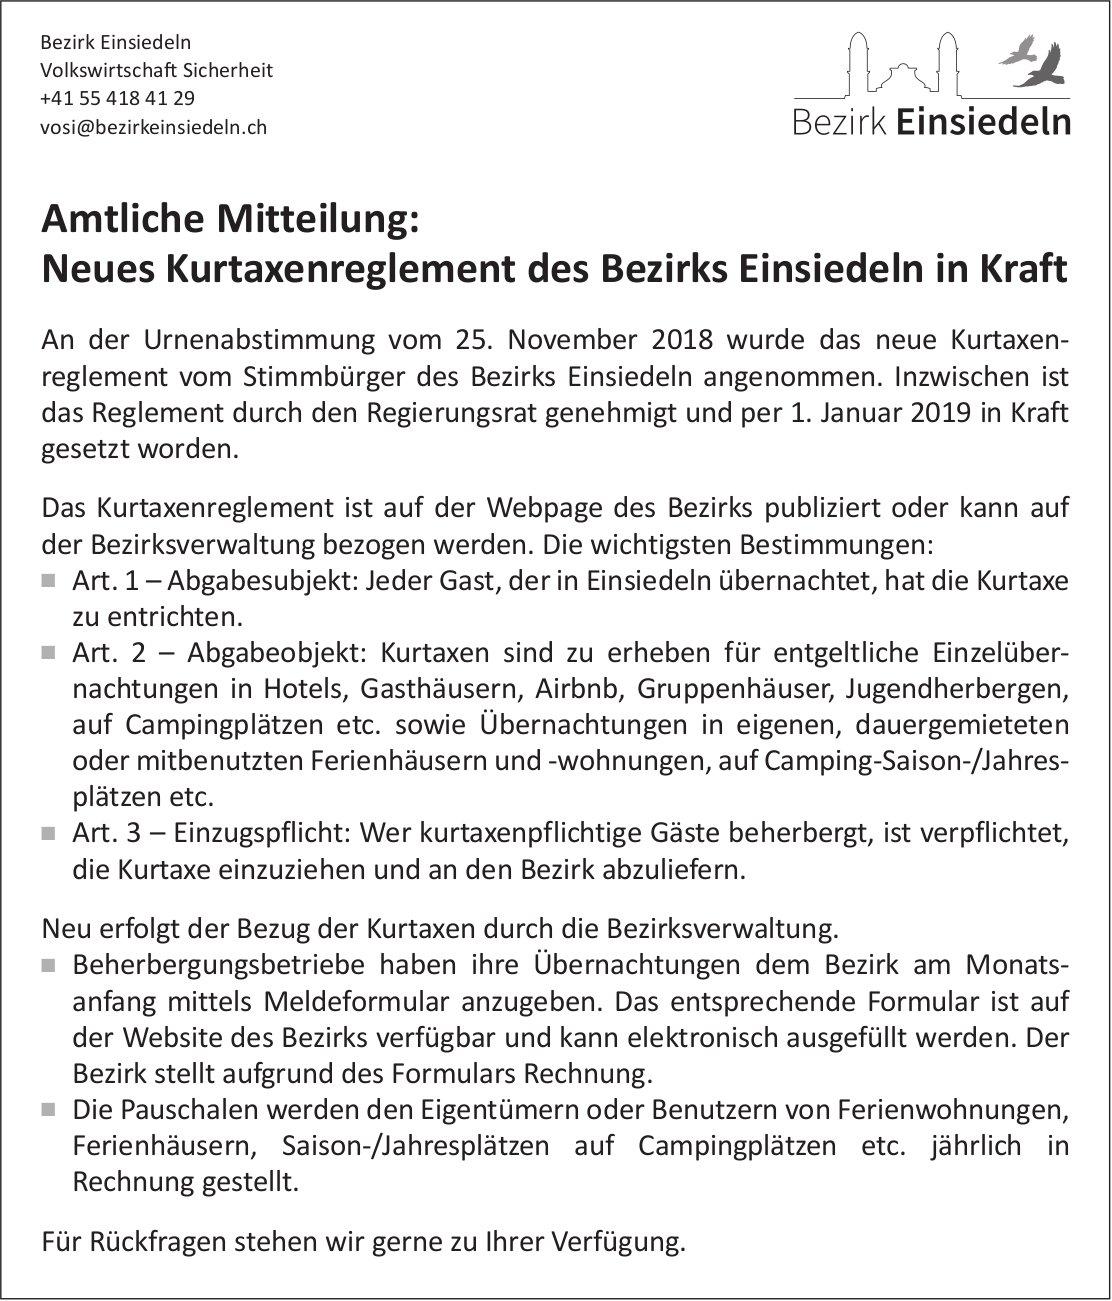 Bezirk Einsiedeln: Neues Kurtaxenreglement in Kraft